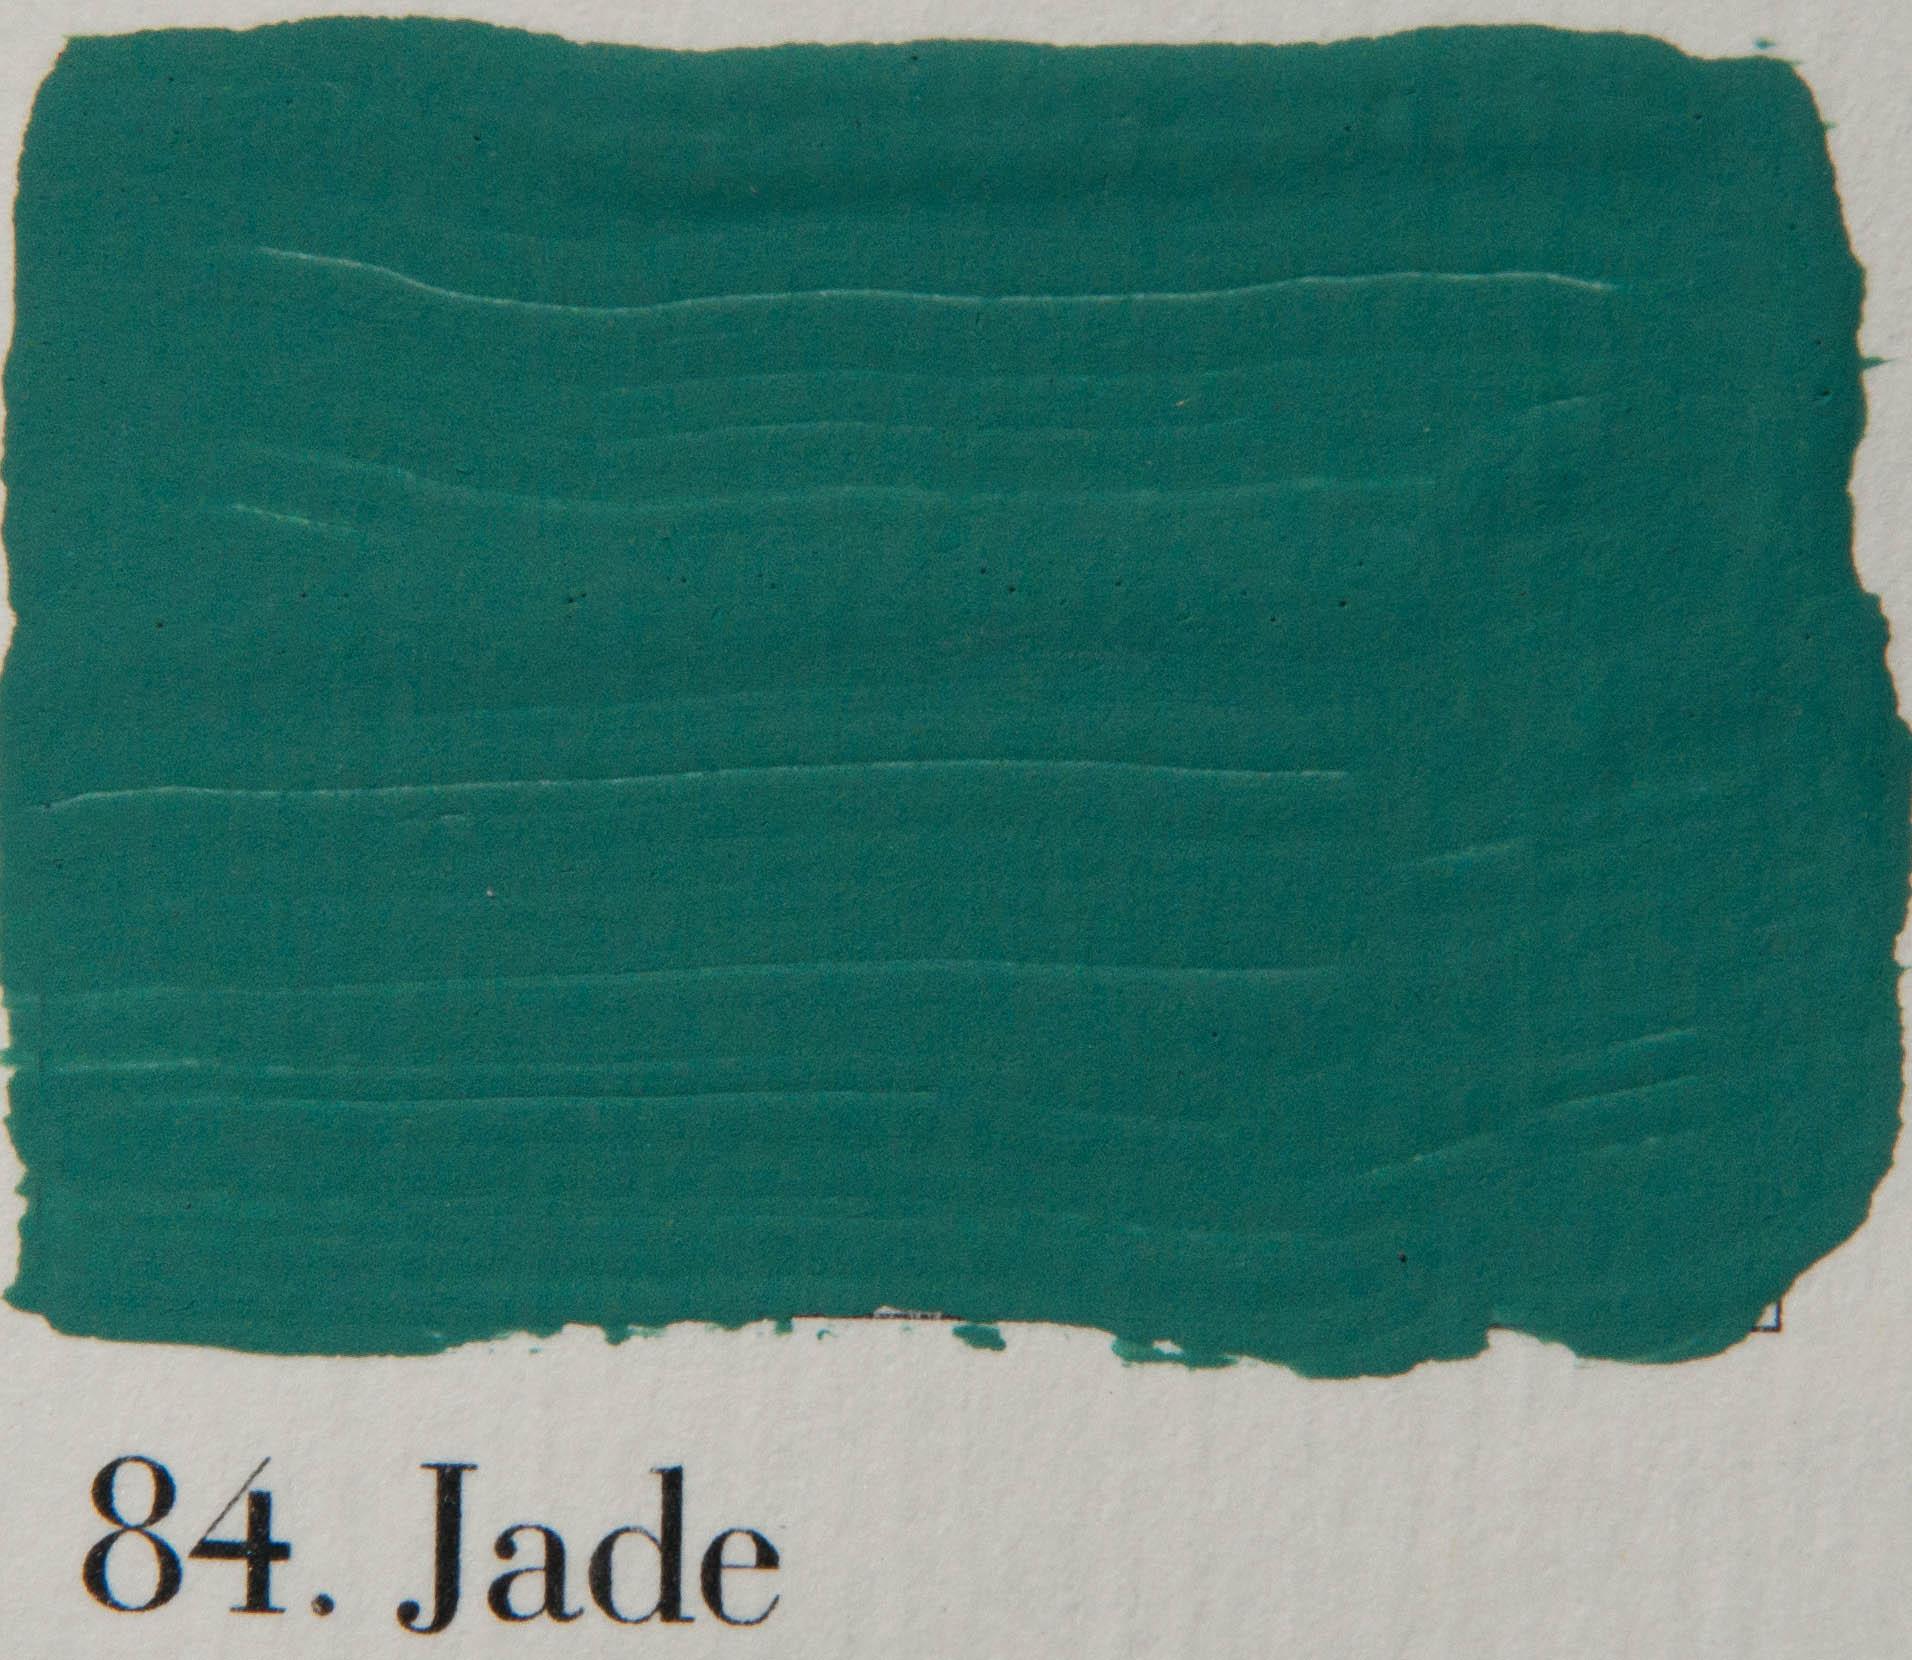 'l Authentique krijtverf 84. Jade